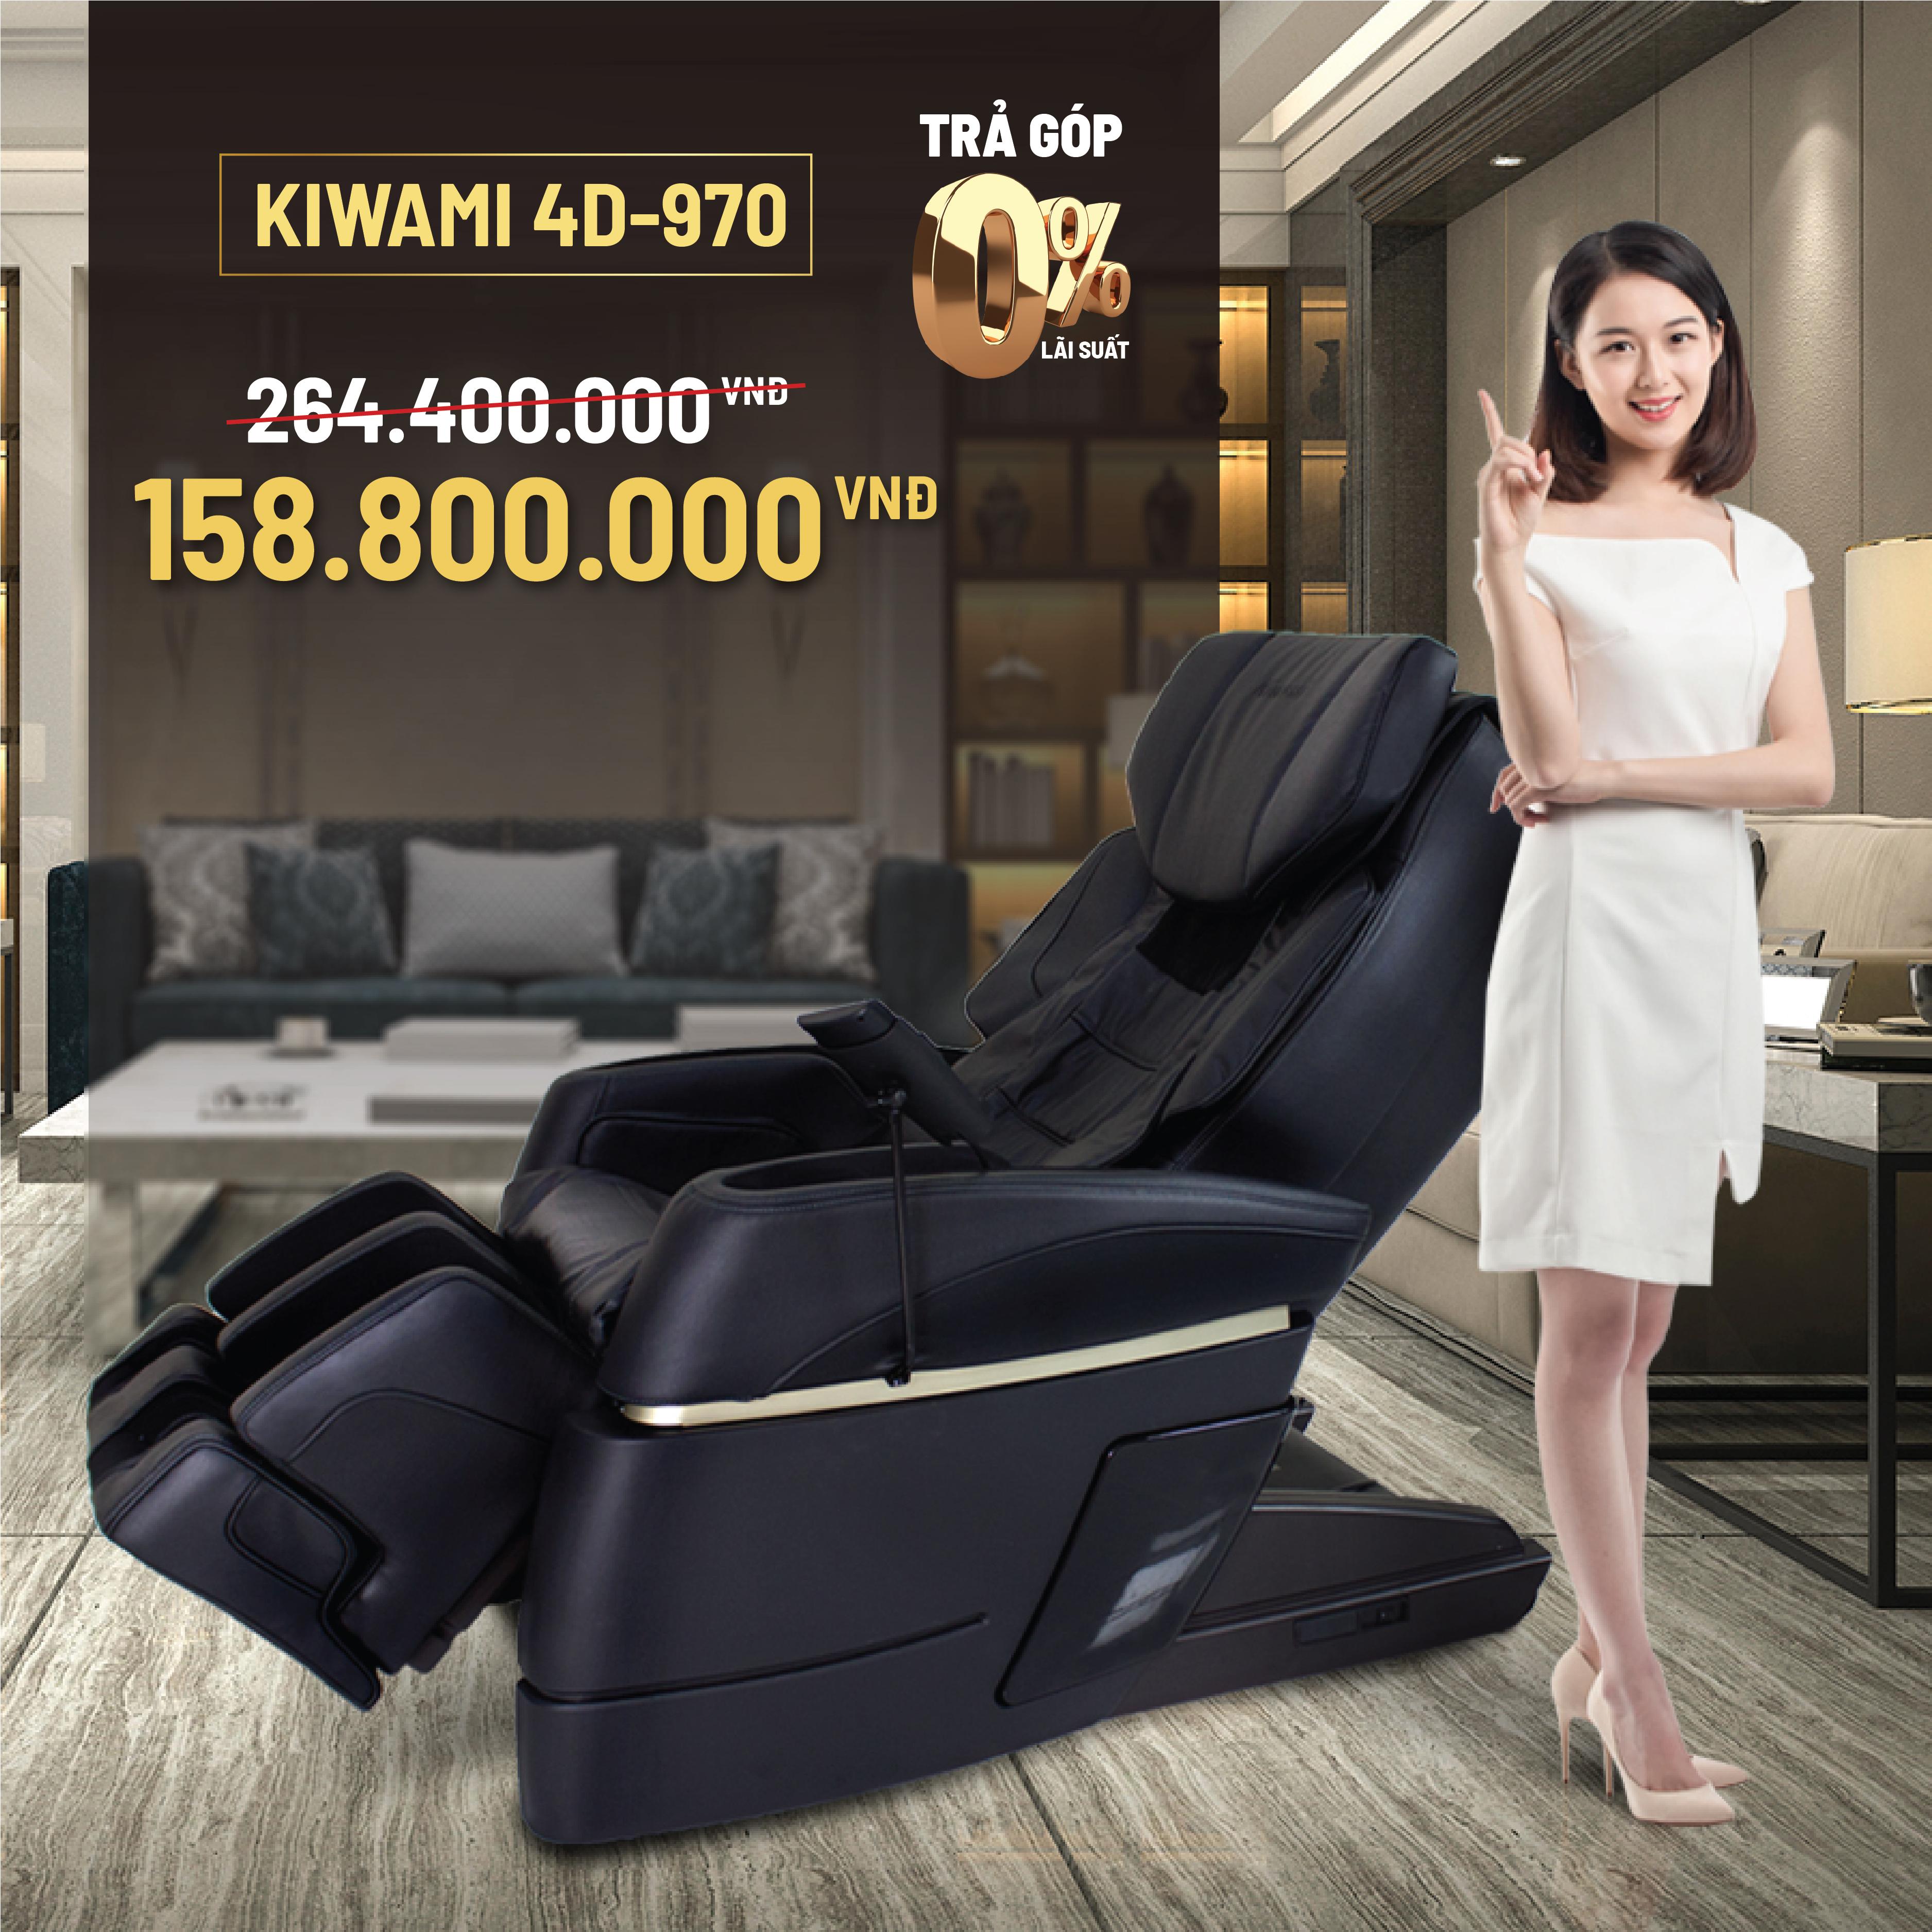 Nên chọn ghế massage nội địa Nhật Bản nào?